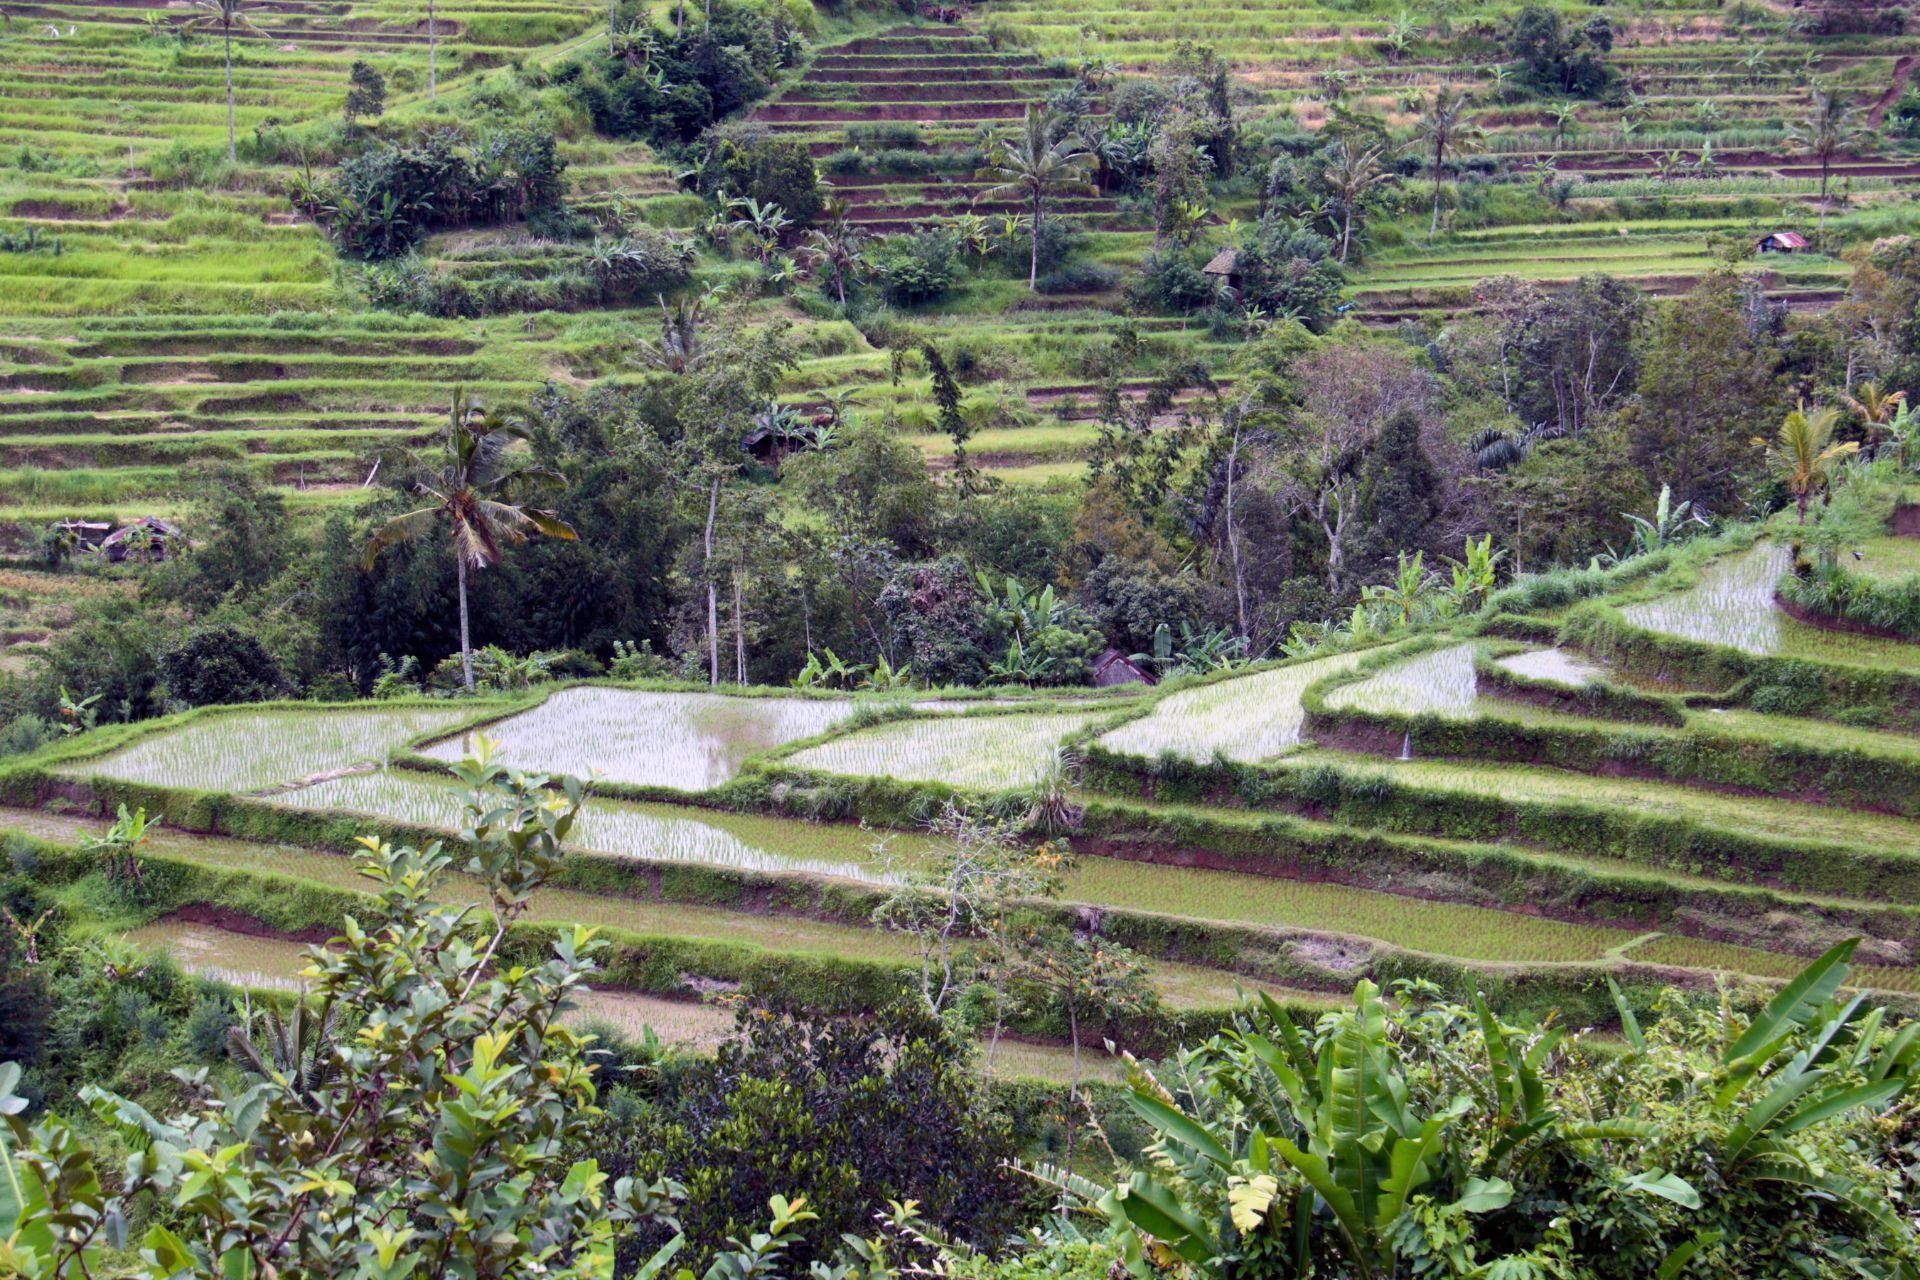 agroforestry community